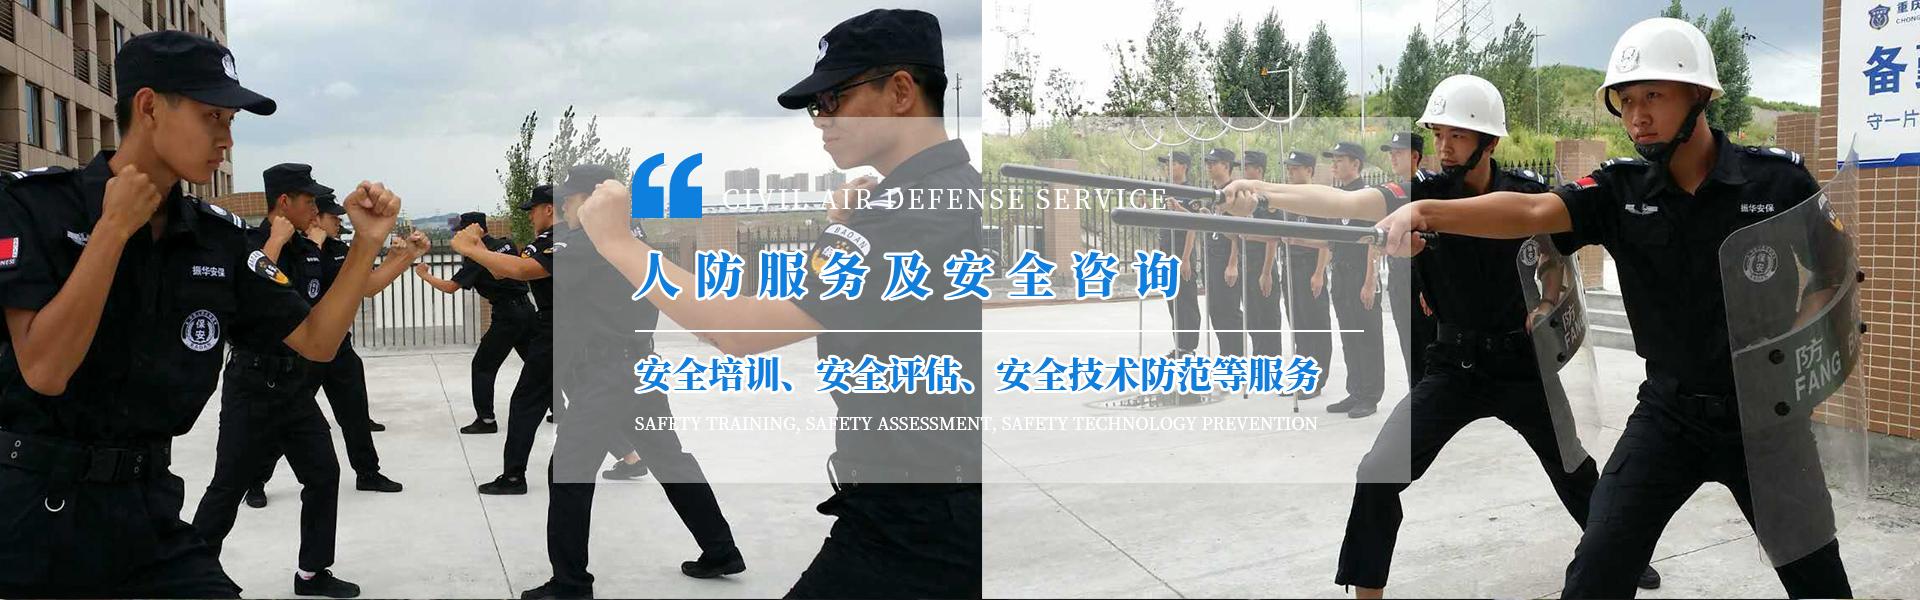 重庆工厂保安